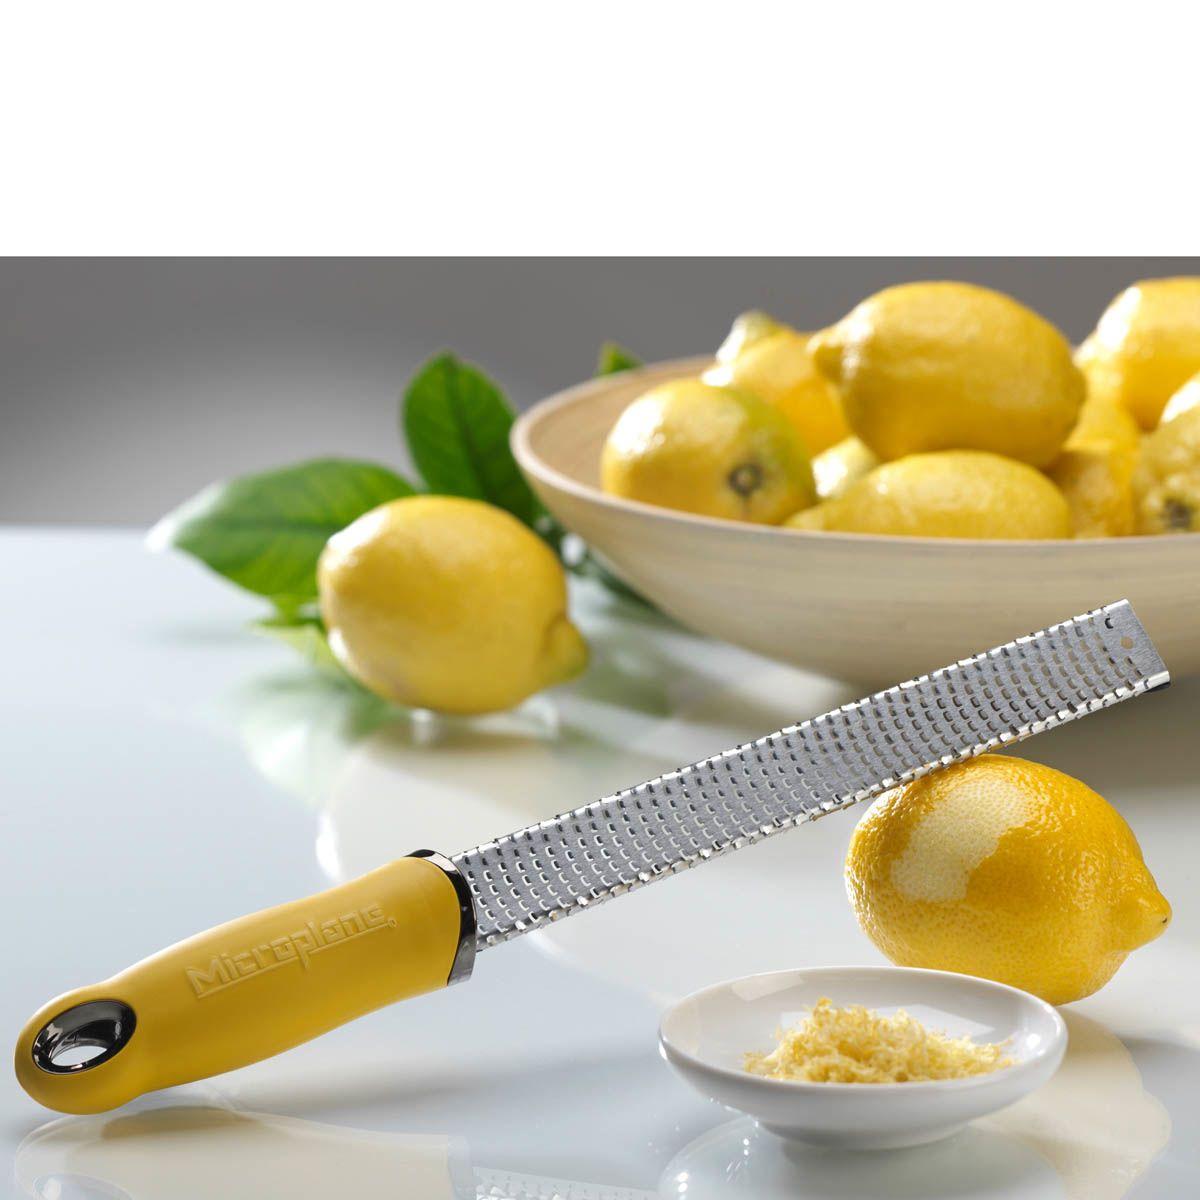 Терка мелкая для цитрусовых Microplane Premium Classic с желтой ручкой